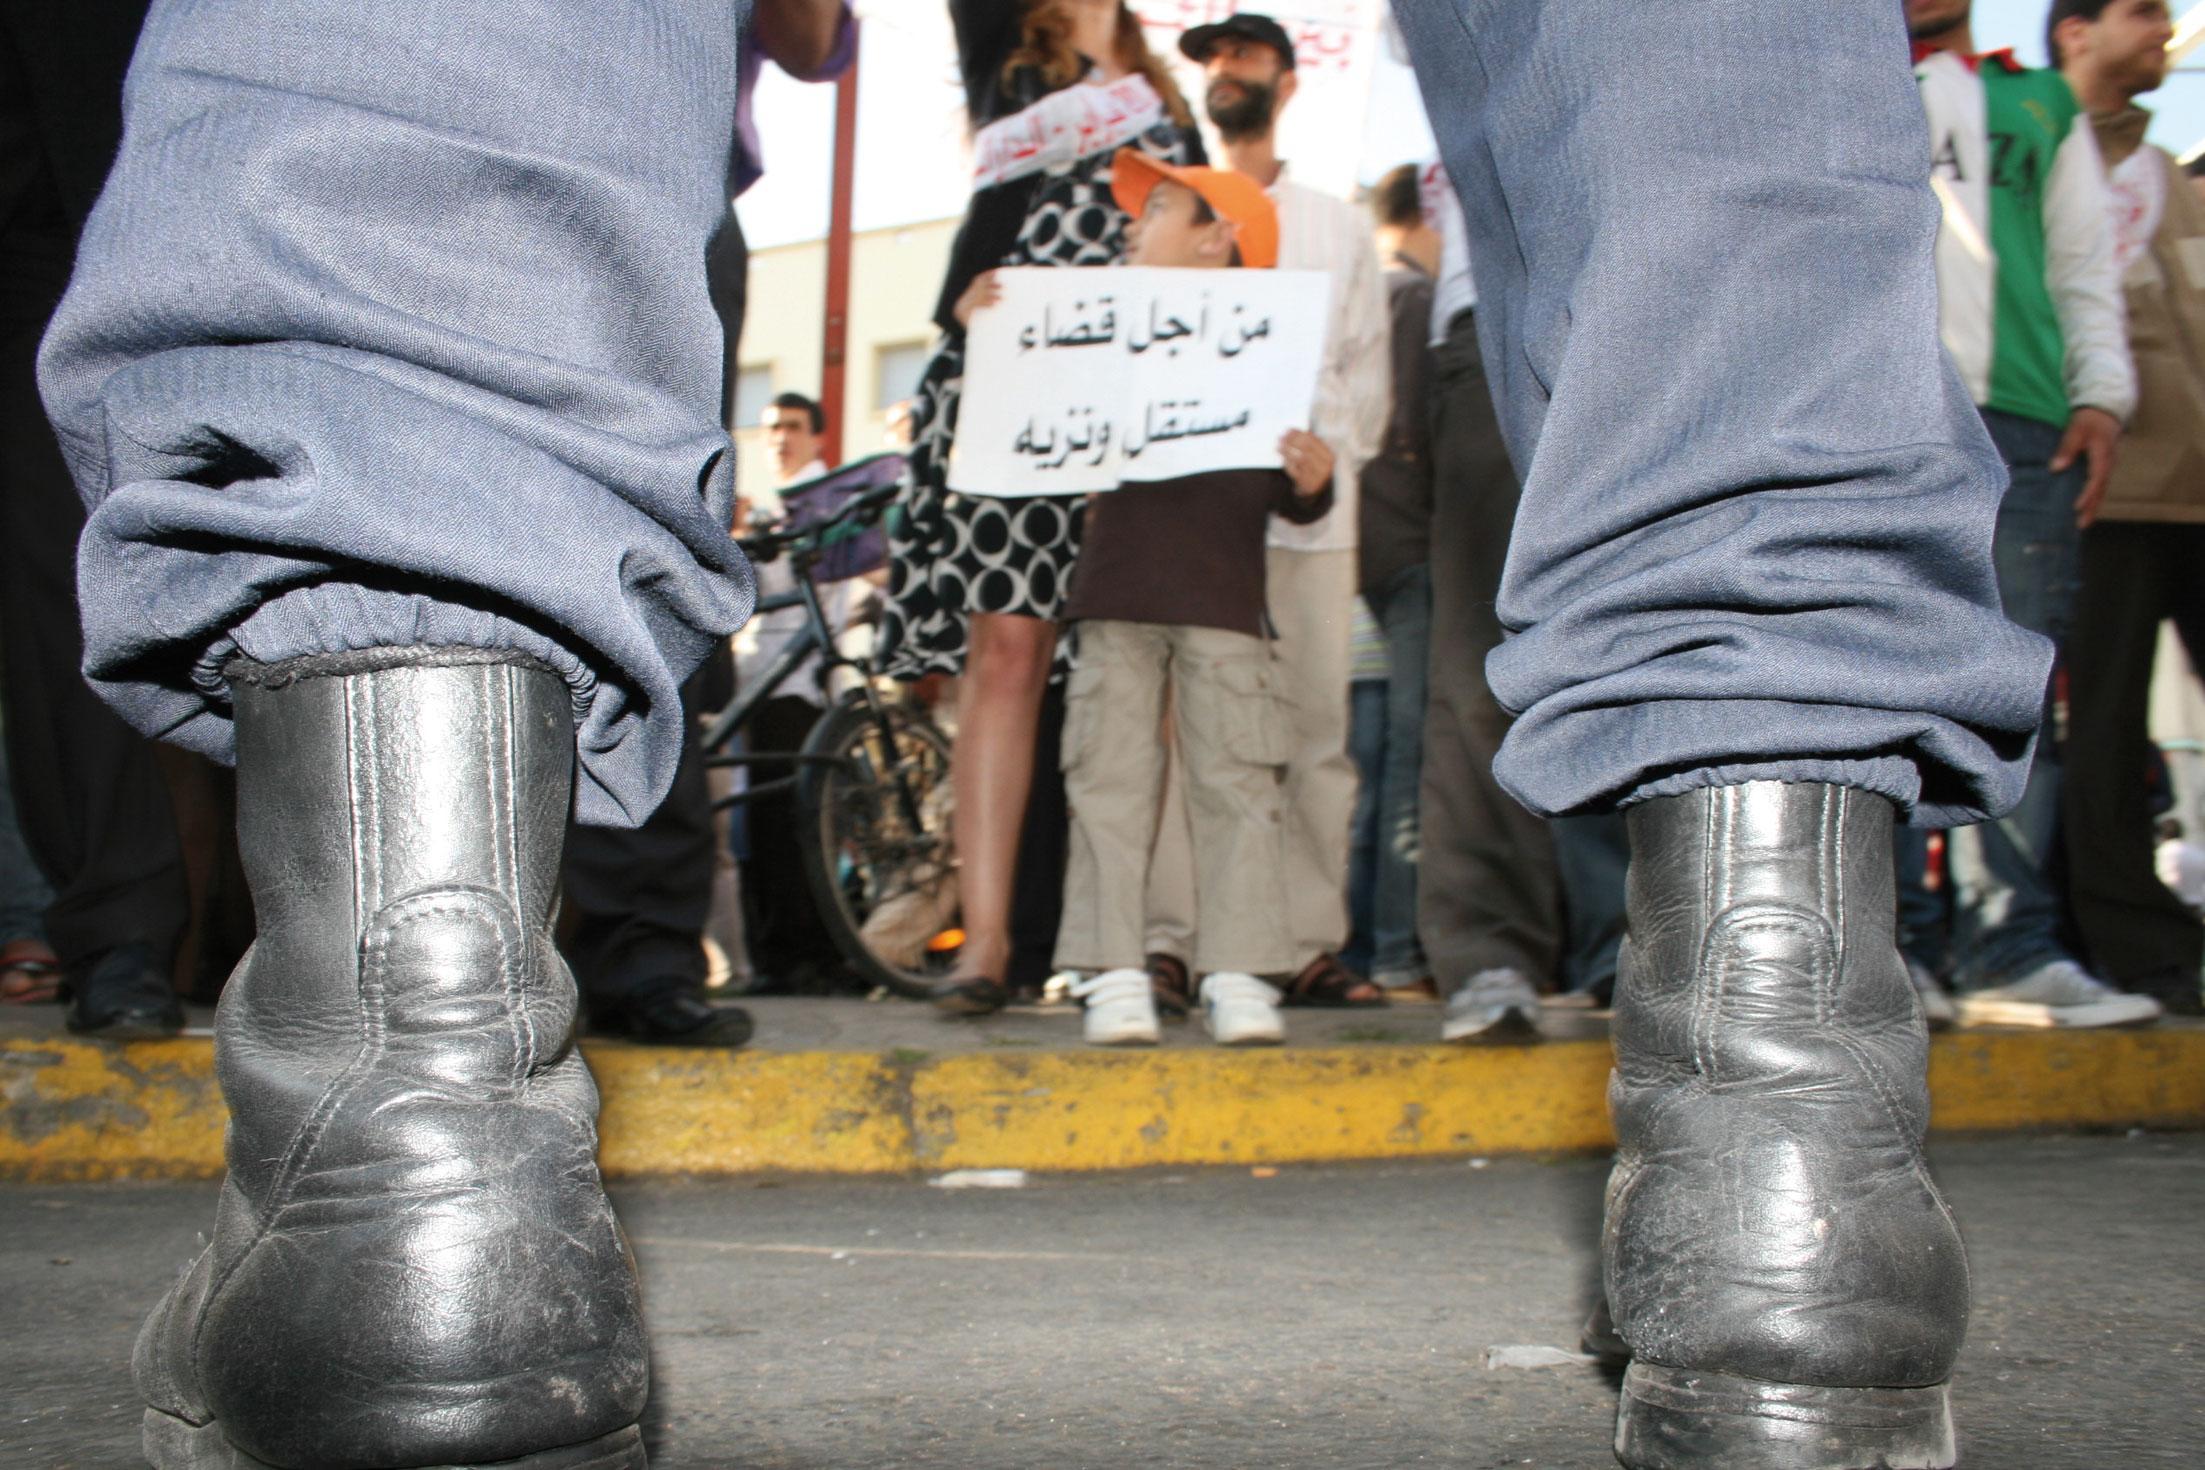 Les violations des droits de l'Homme par le gouvernement dénoncées par Amnesty